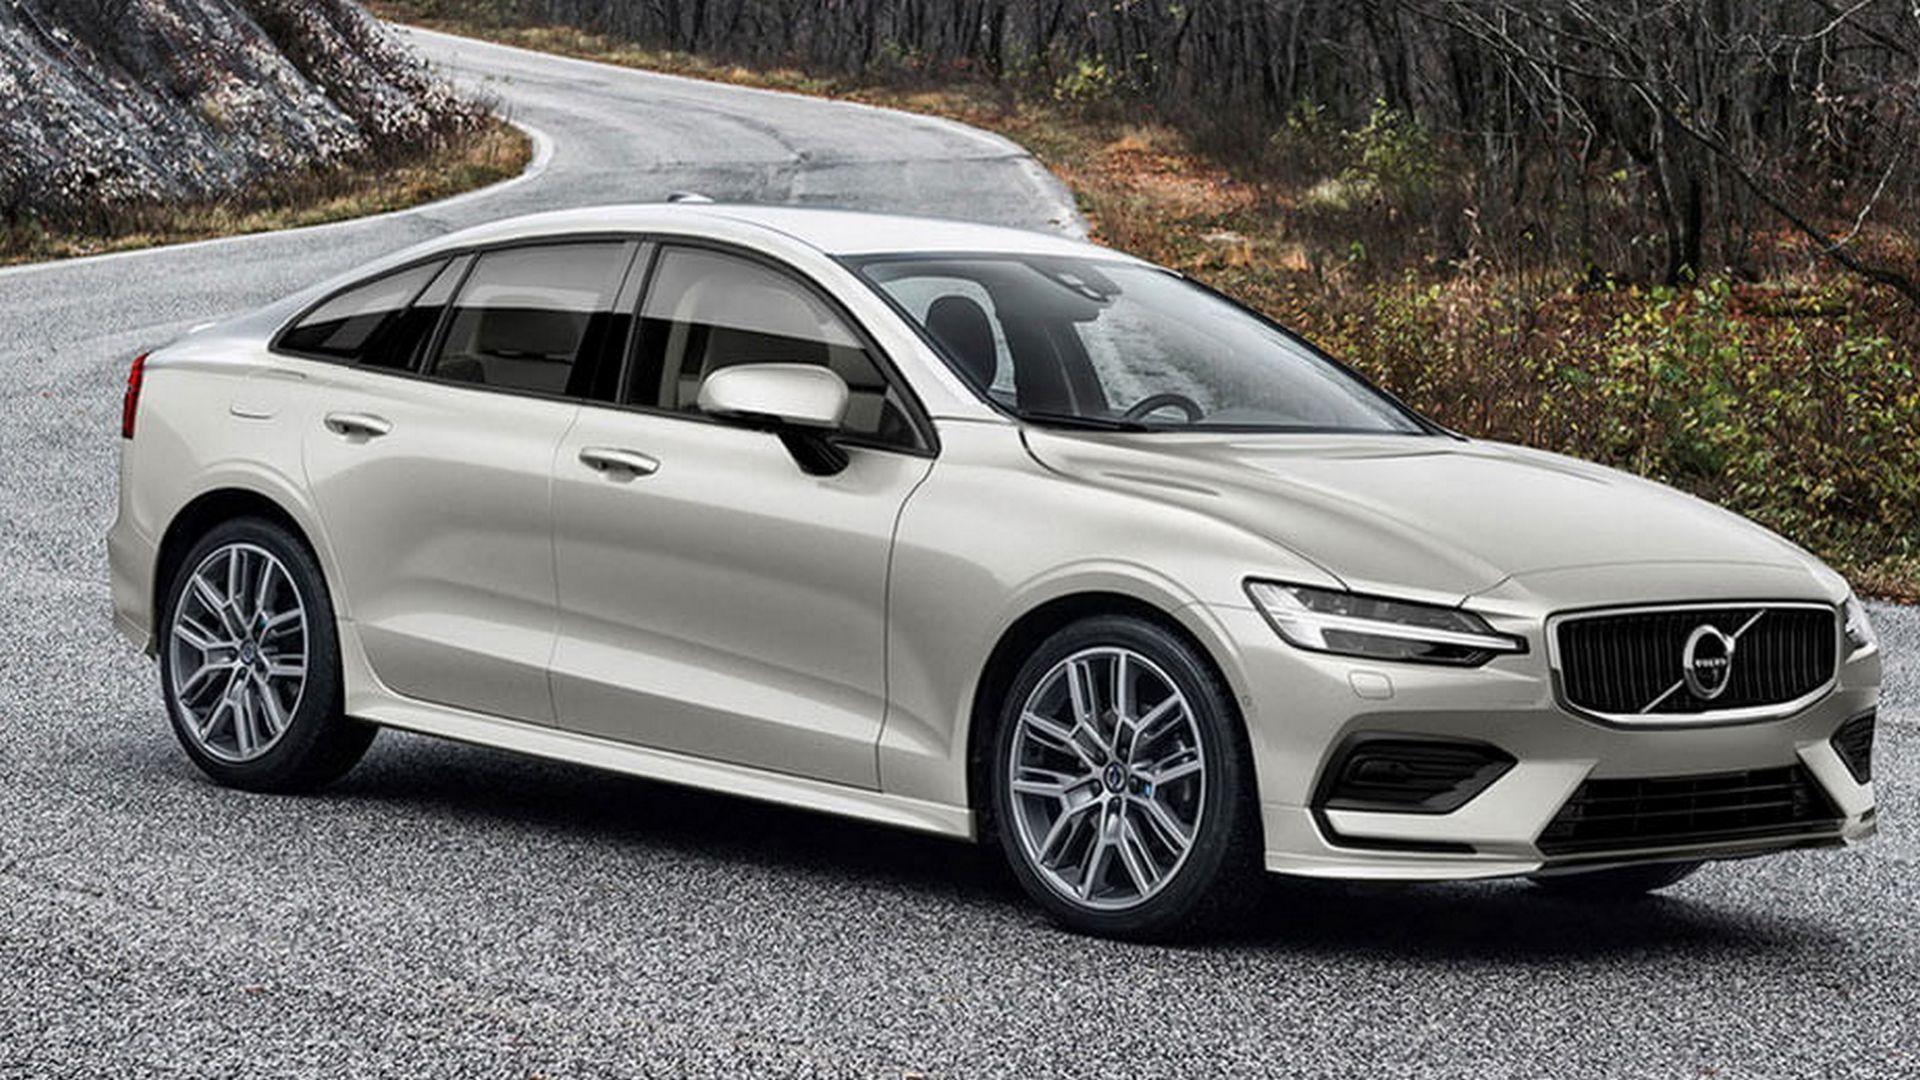 Nuova Volvo S60 2019: niente motori diesel, solo benzina e ...